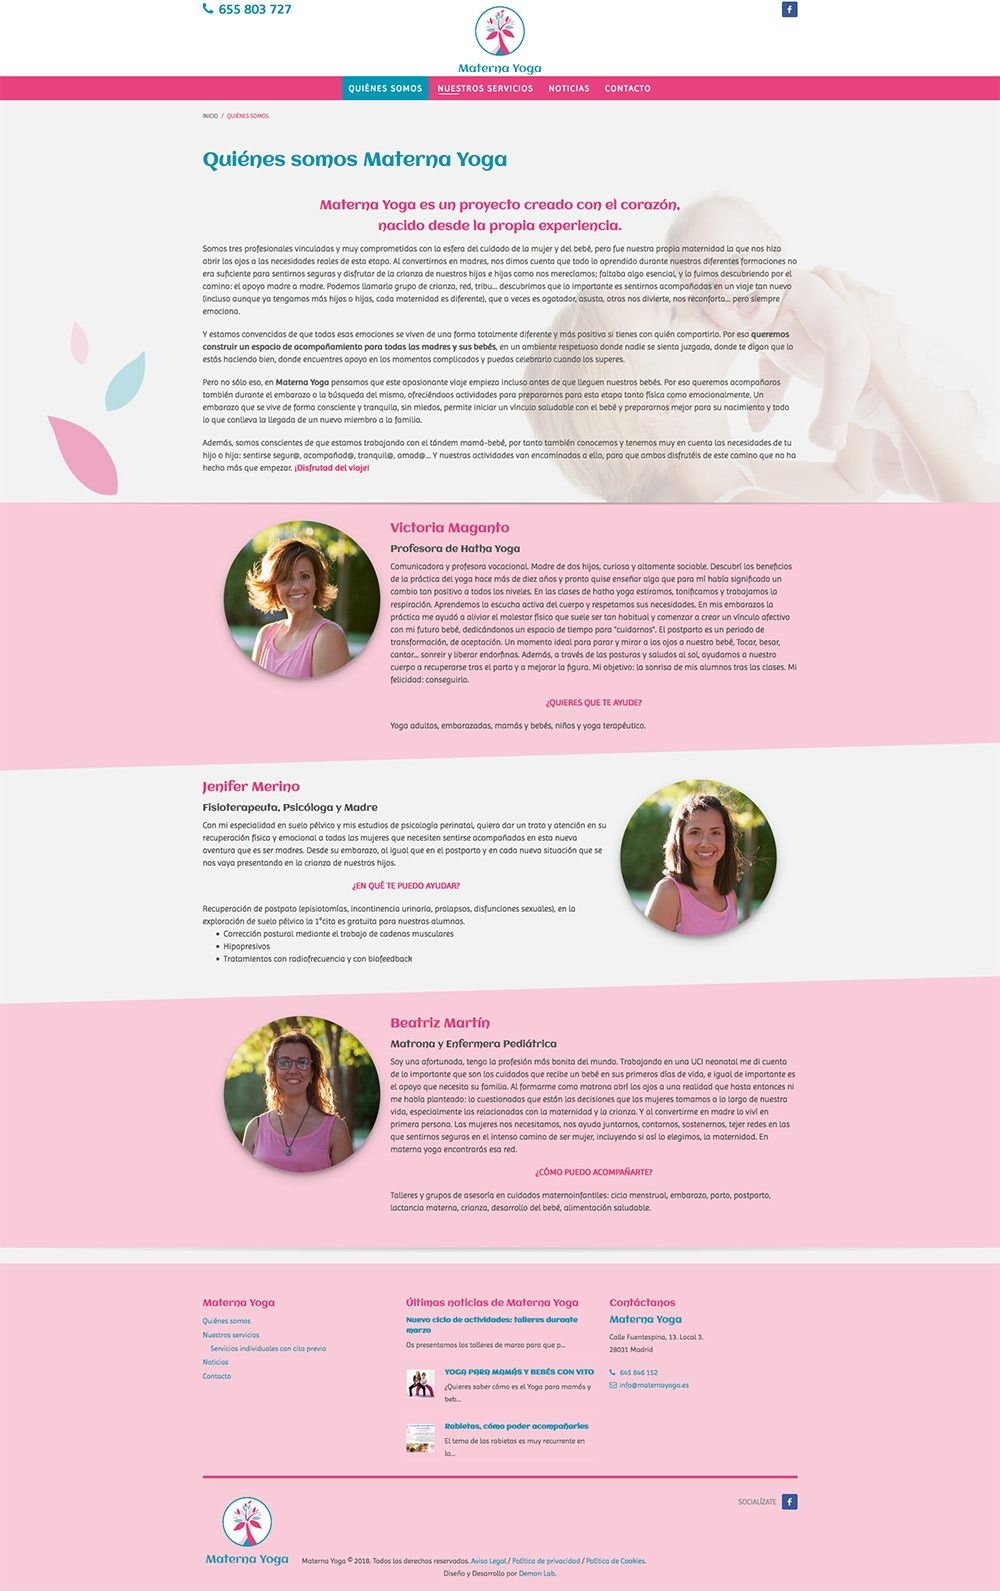 Centro de apoyo a la maternidad y crianza Materna Yoga